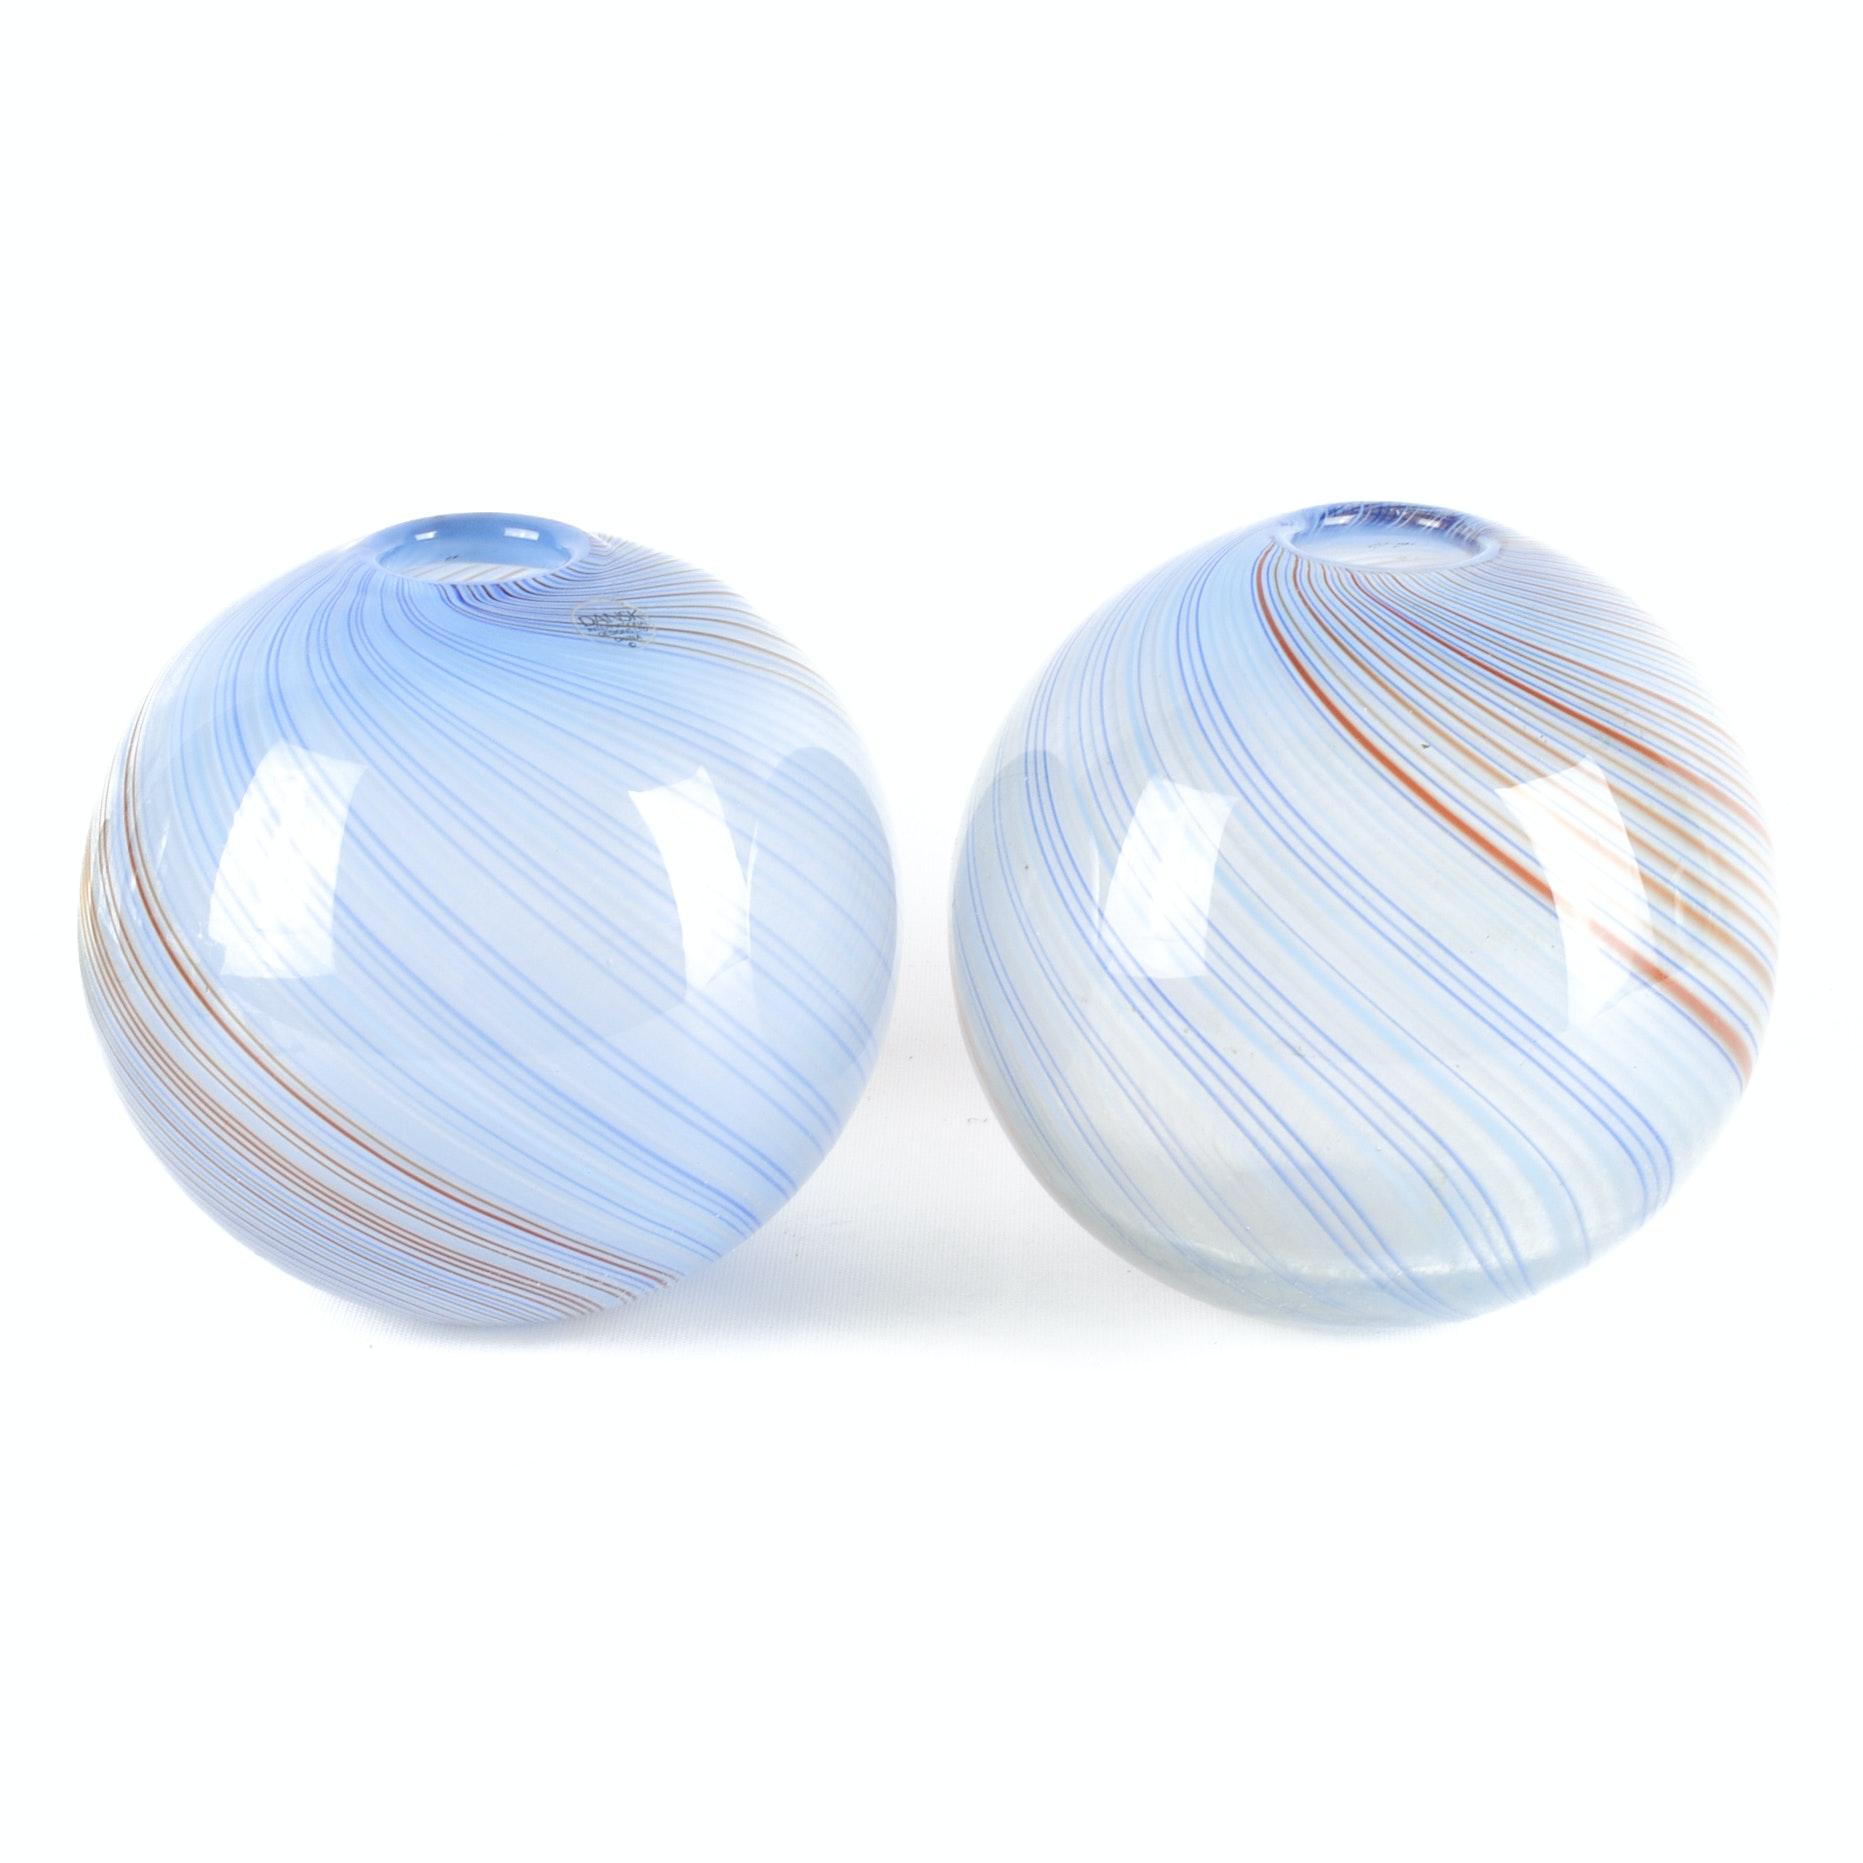 Pair of Dansk Swirl Art Glass Vases